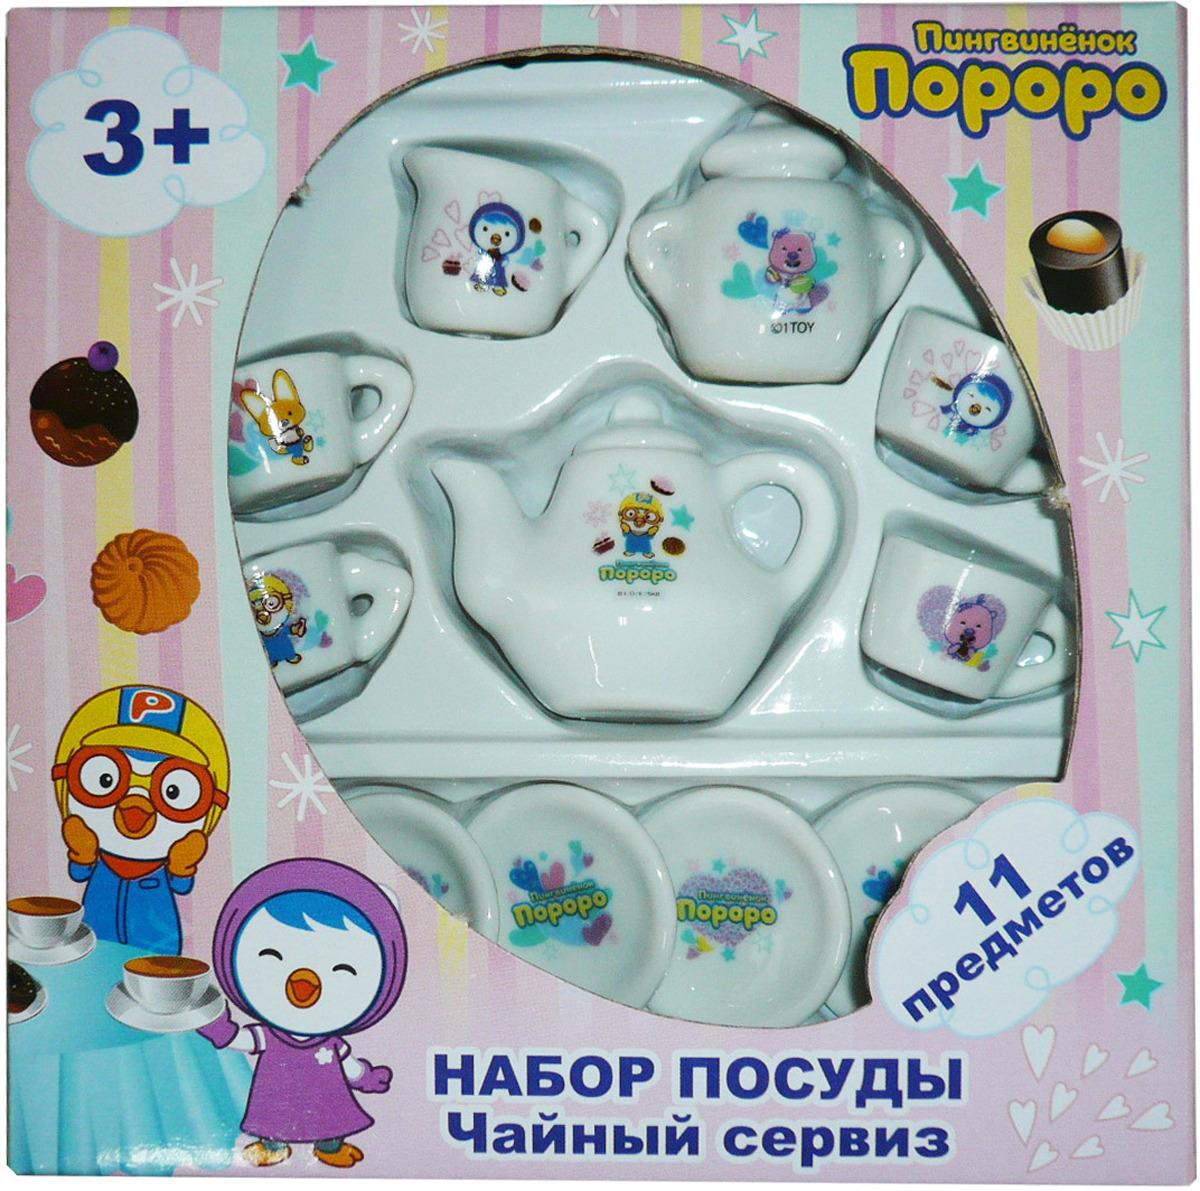 Игровой набор посуды 1TOY Пингвинёнок Пороро, 11 предметов игровой набор посуды 1toy пингвинёнок пороро 5 предметов